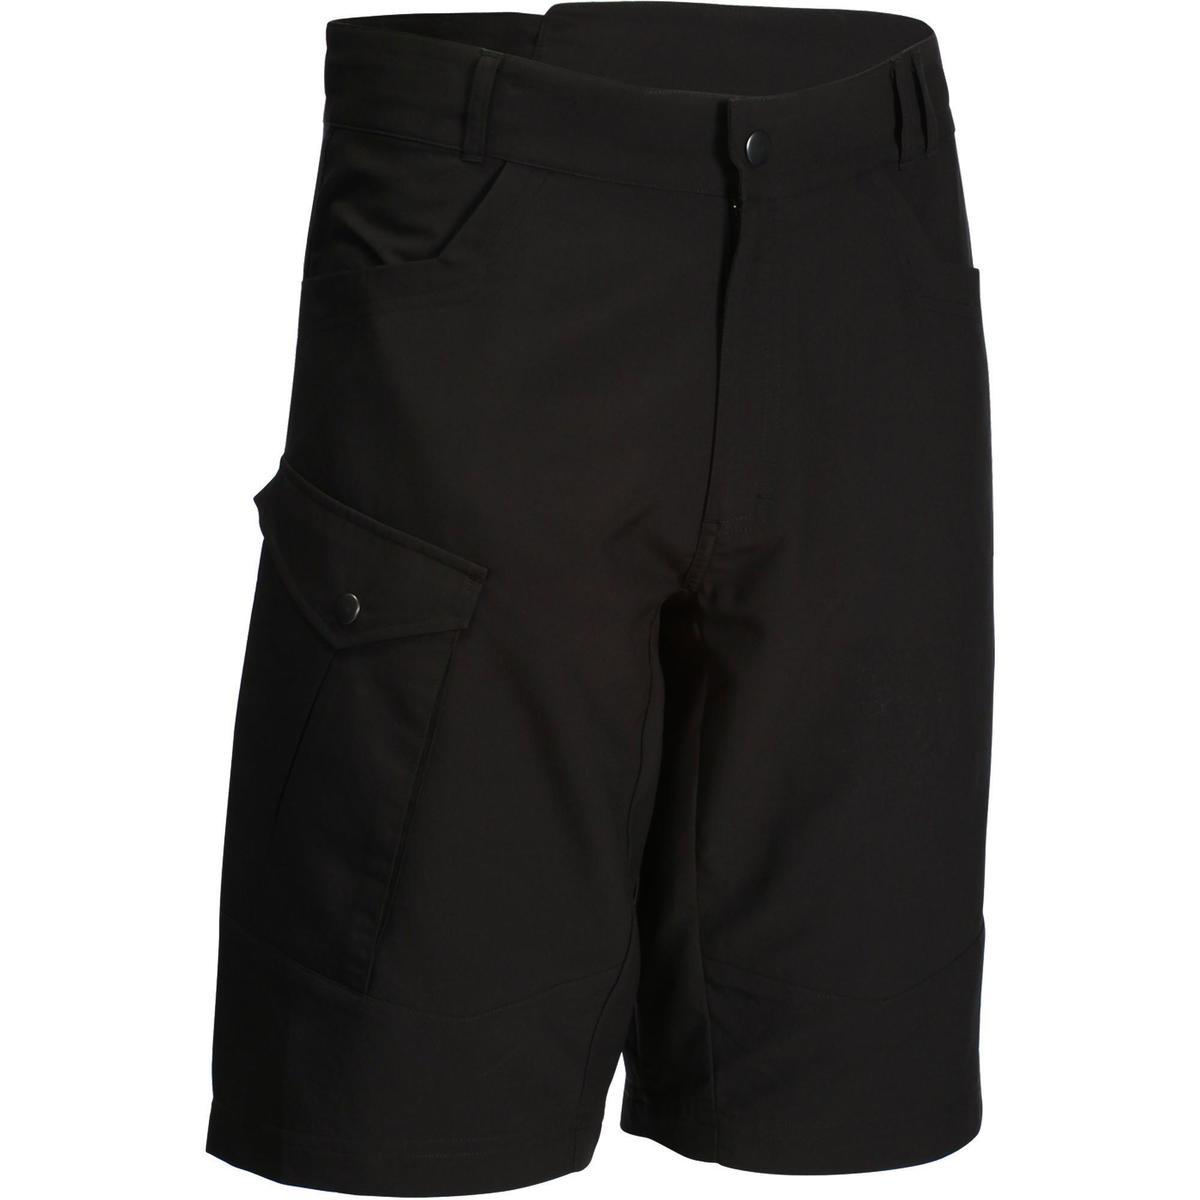 Bild 1 von MTB-Shorts 500 Herren schwarz